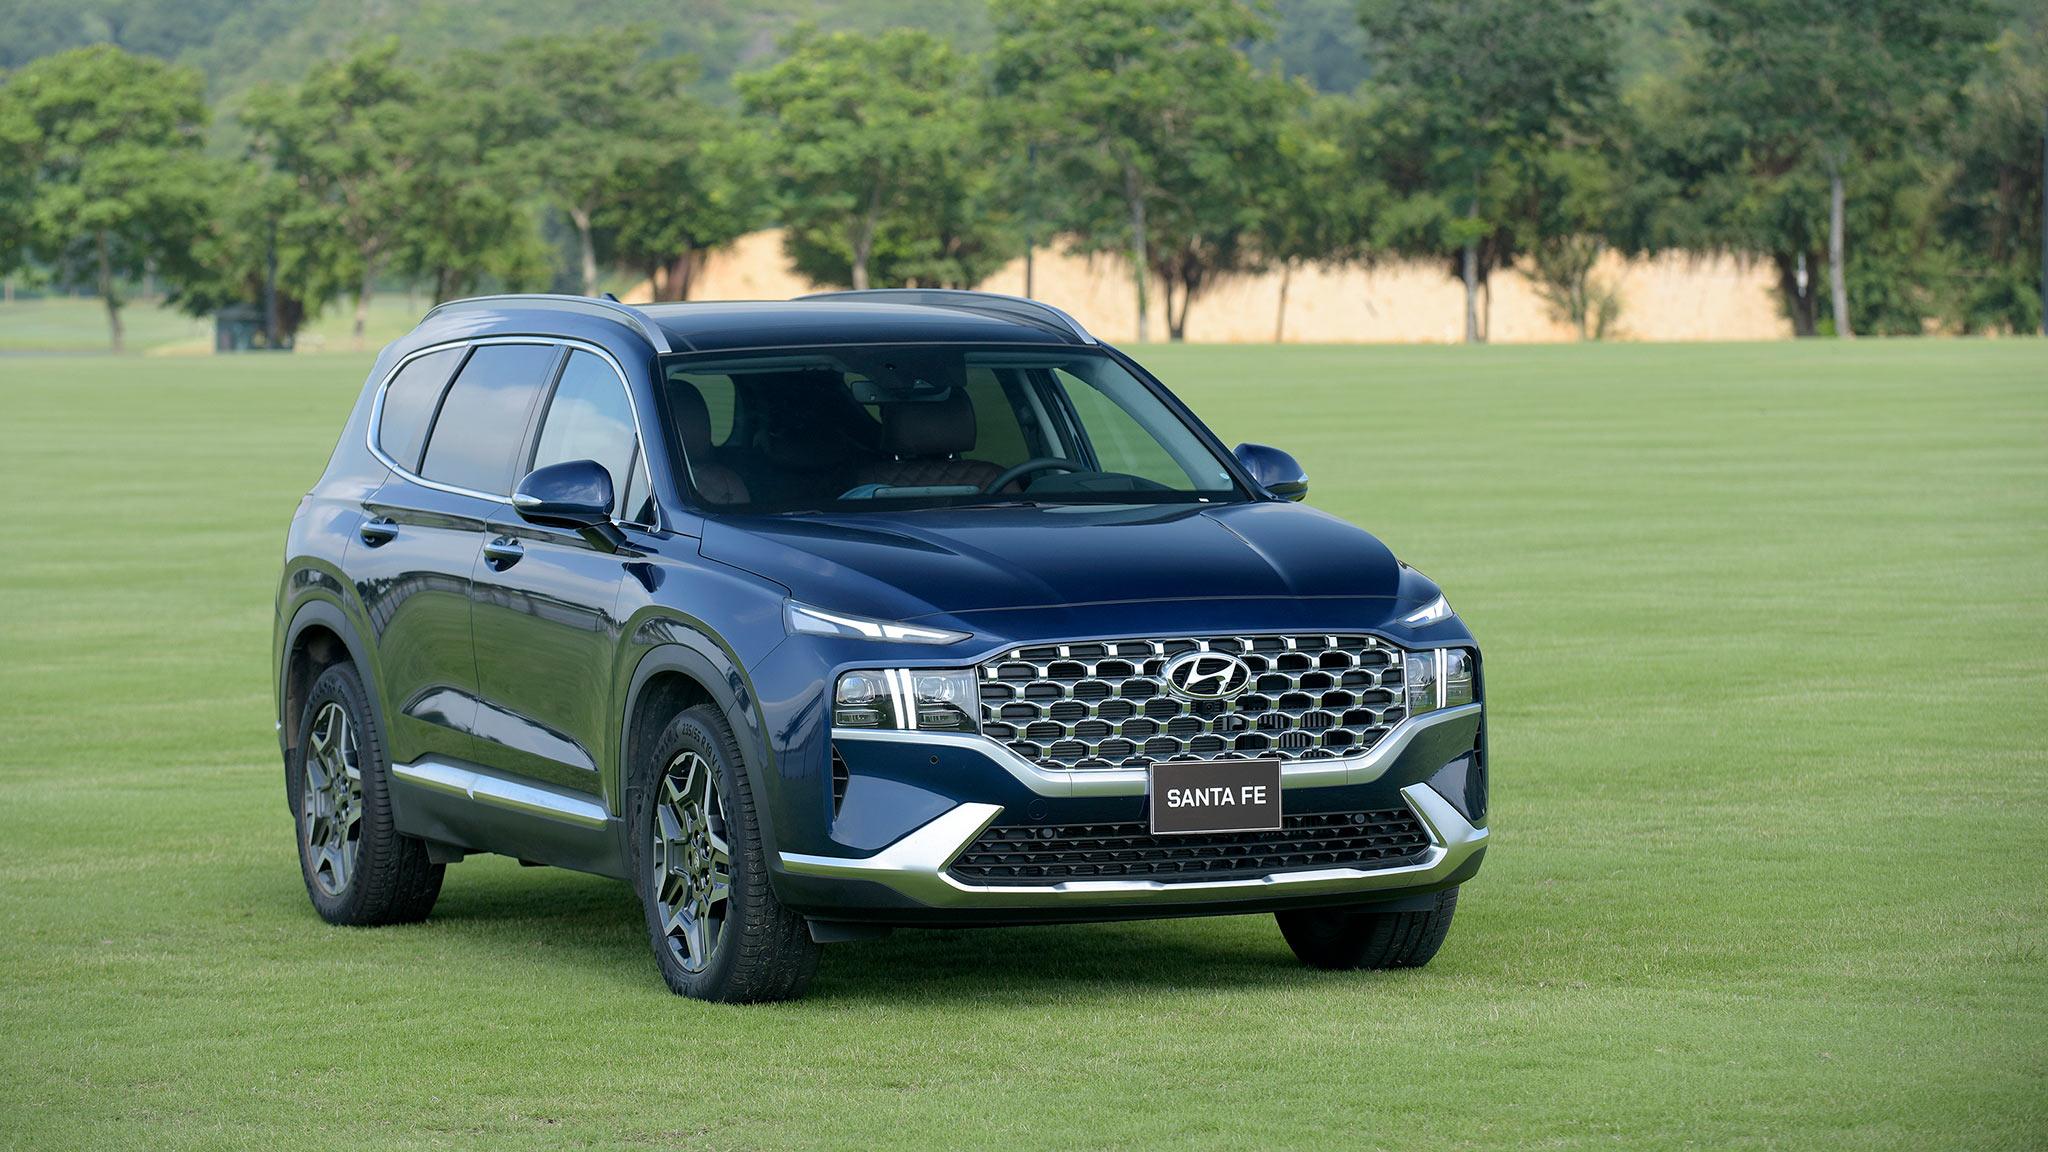 Hyundai Santa Fe 2021 chính thức ra mắt tại Việt Nam, giá từ 1,030 tỷ đồng hyundai-santa-fe-2021-16.jpg